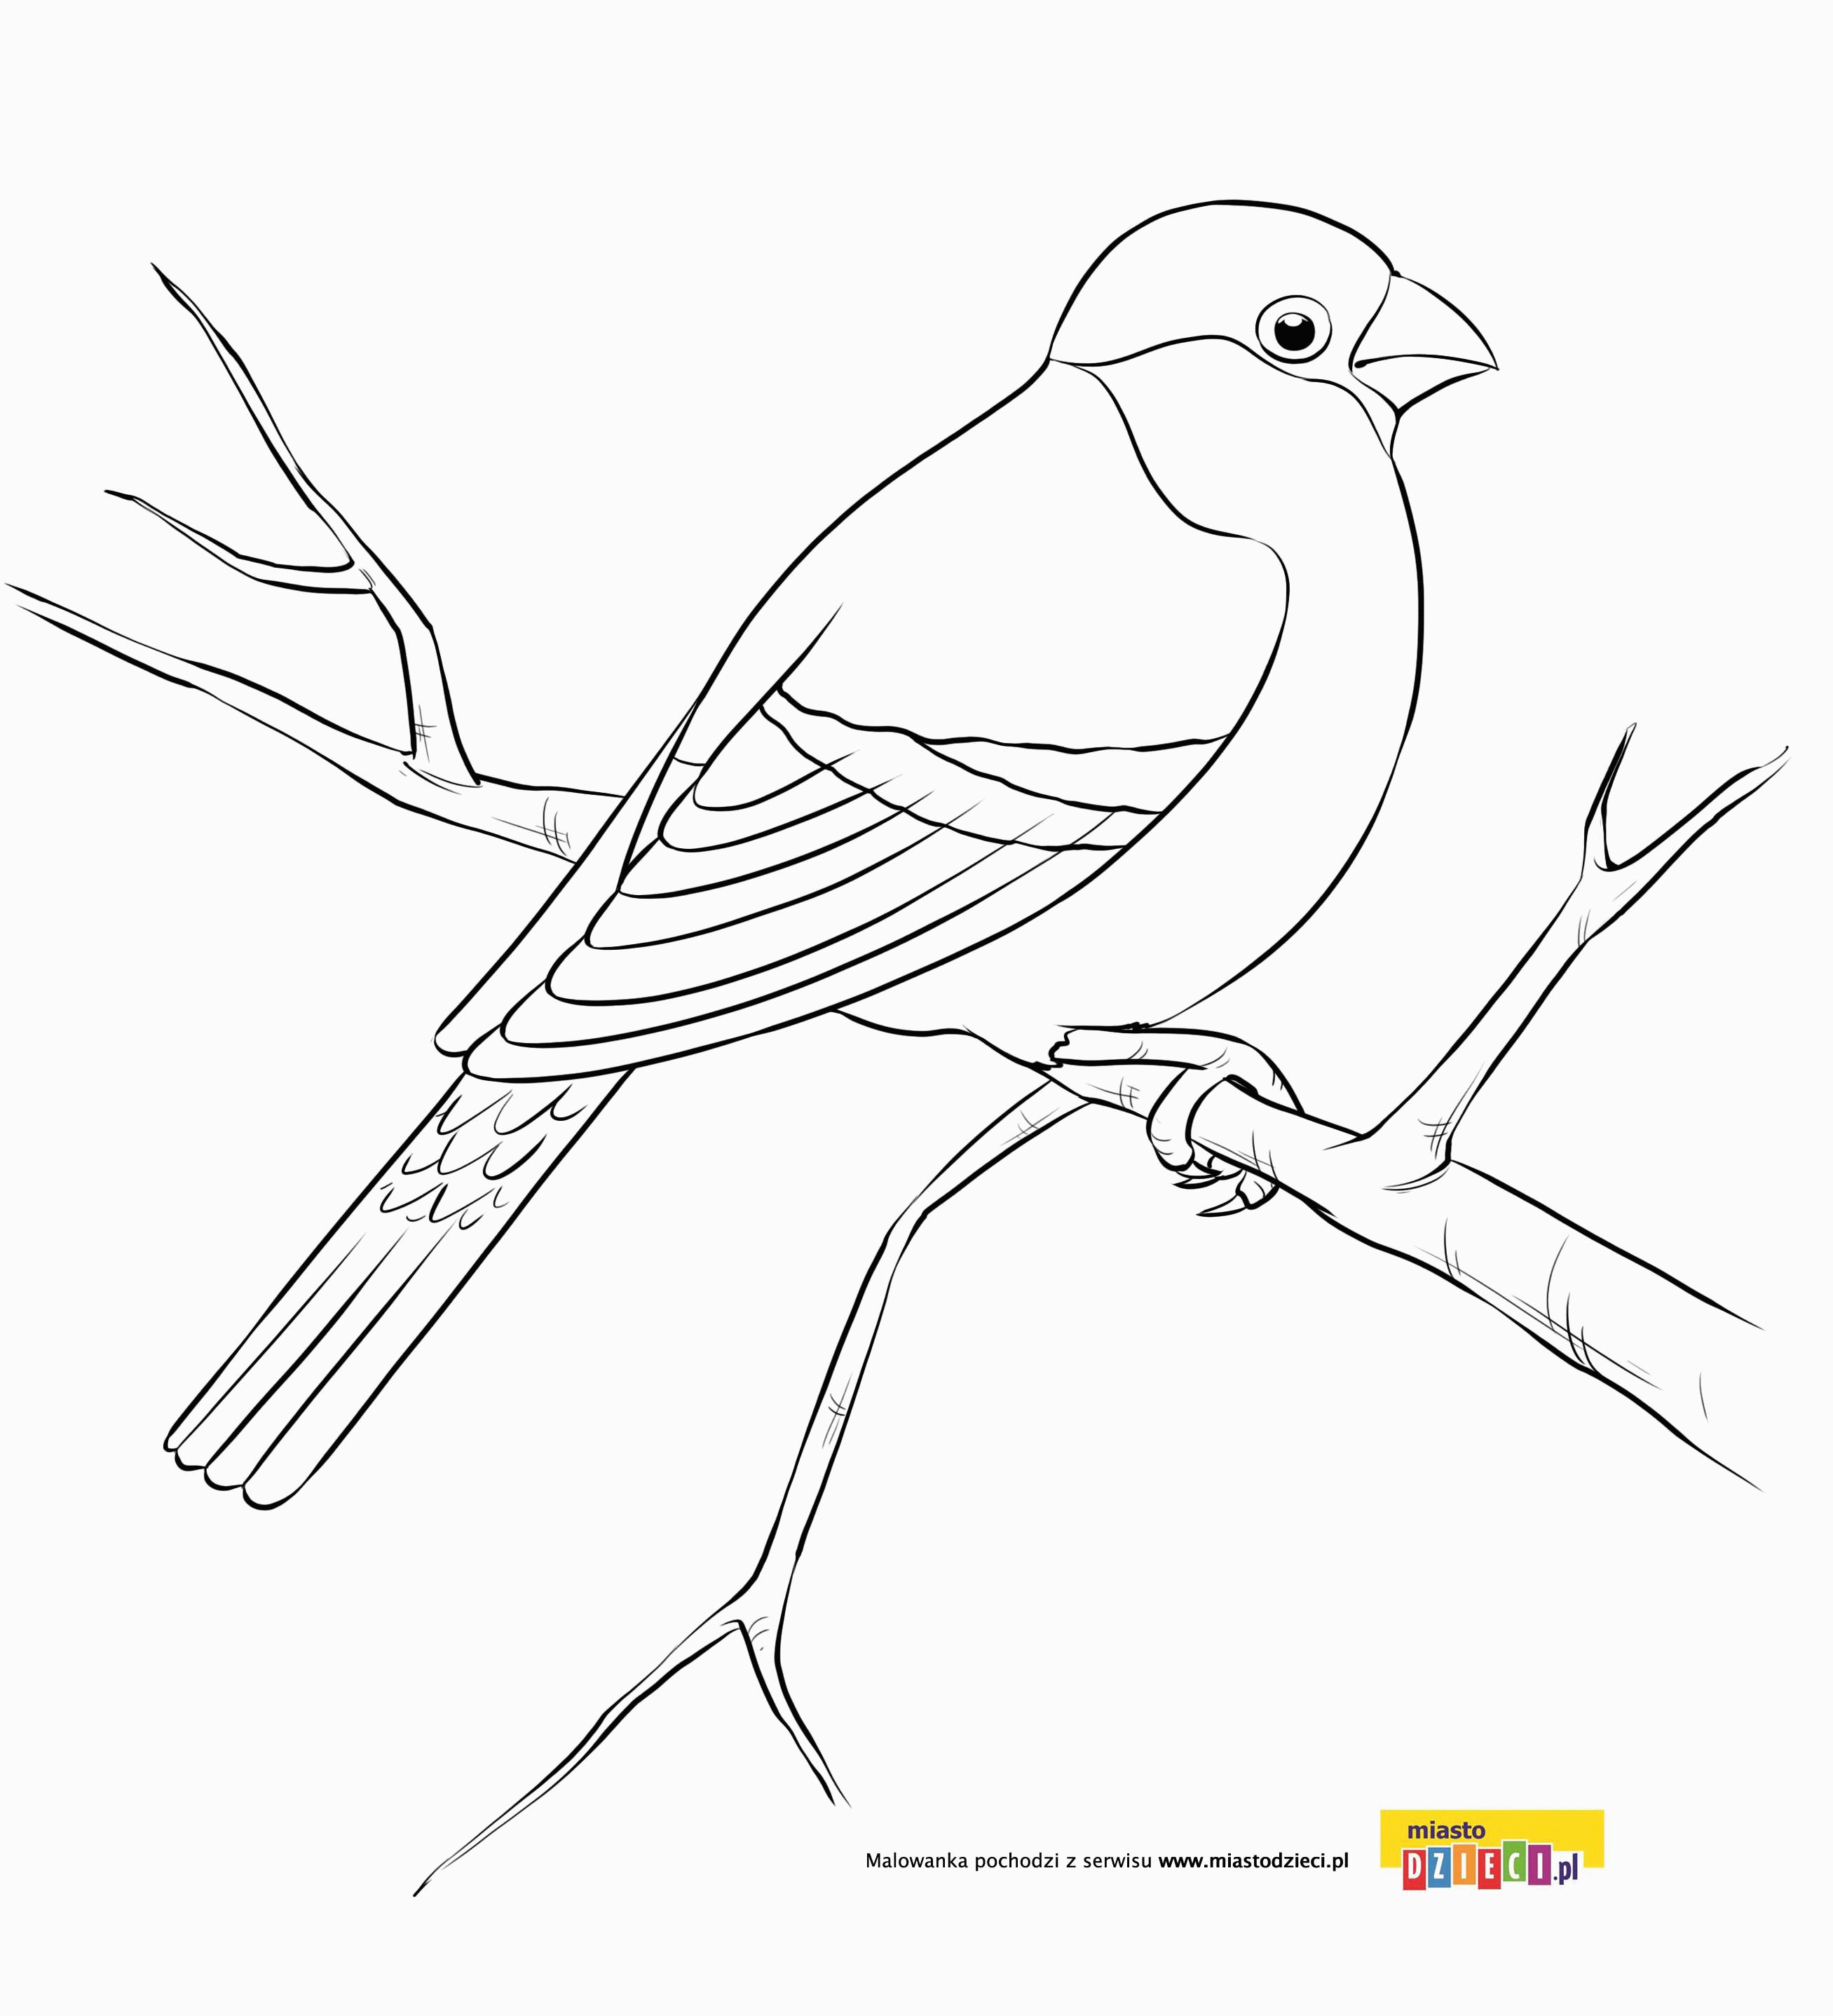 Gil Kolorowanki Ptasie Kolorowanki Ptaki Malowanki Dla Dzieci Do Drukowania Bird Drawings Embroidery Drawings